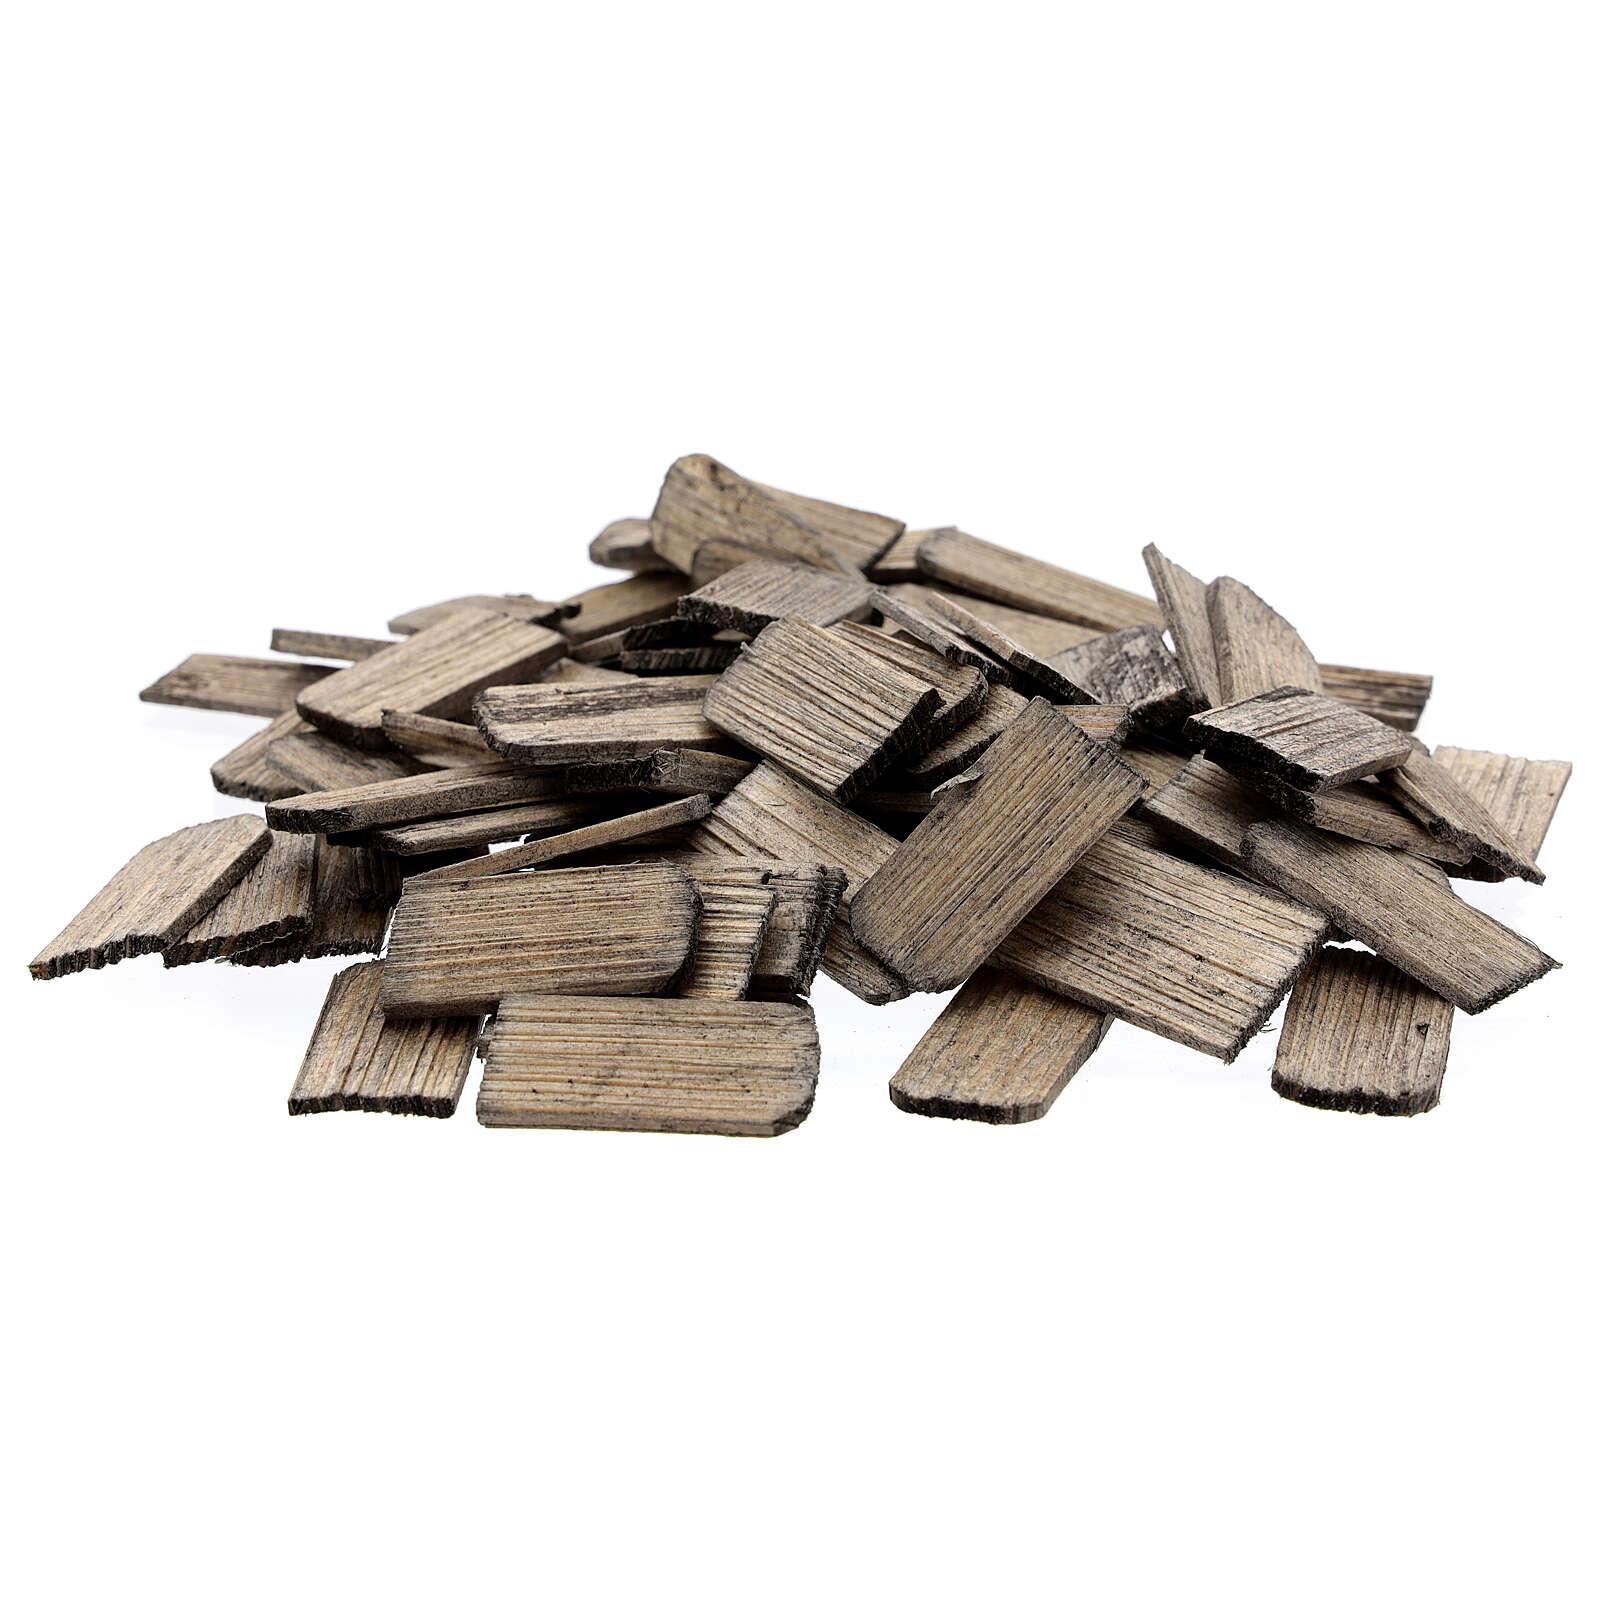 Tuiles bois crèche 3x1,5 cm 100 pcs 4